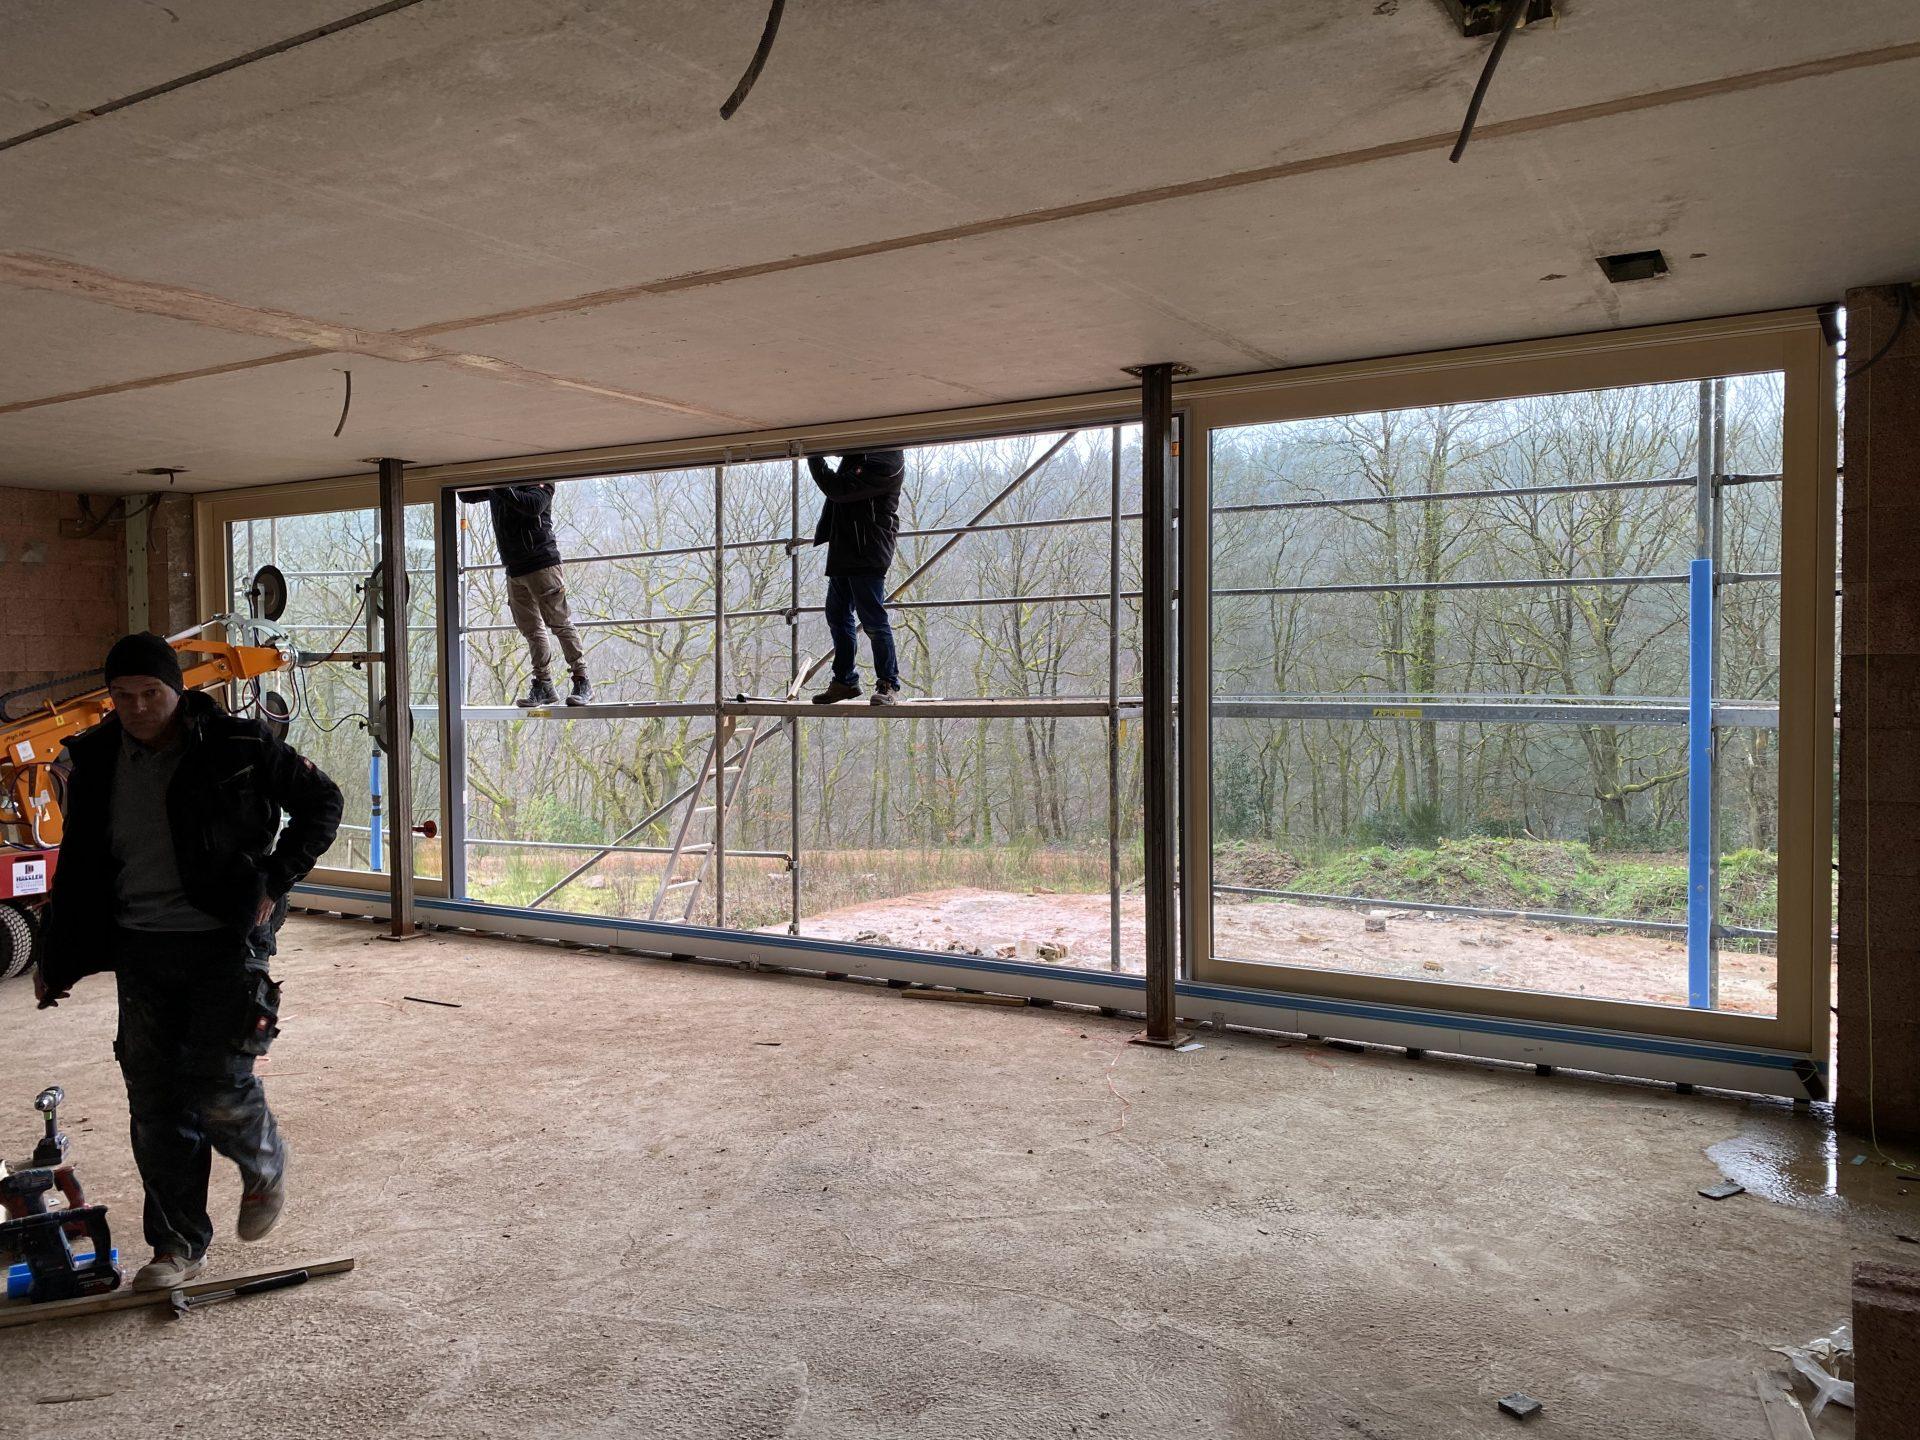 Großes Fensterelement mit Hebe-Schiebetüren während der Montage